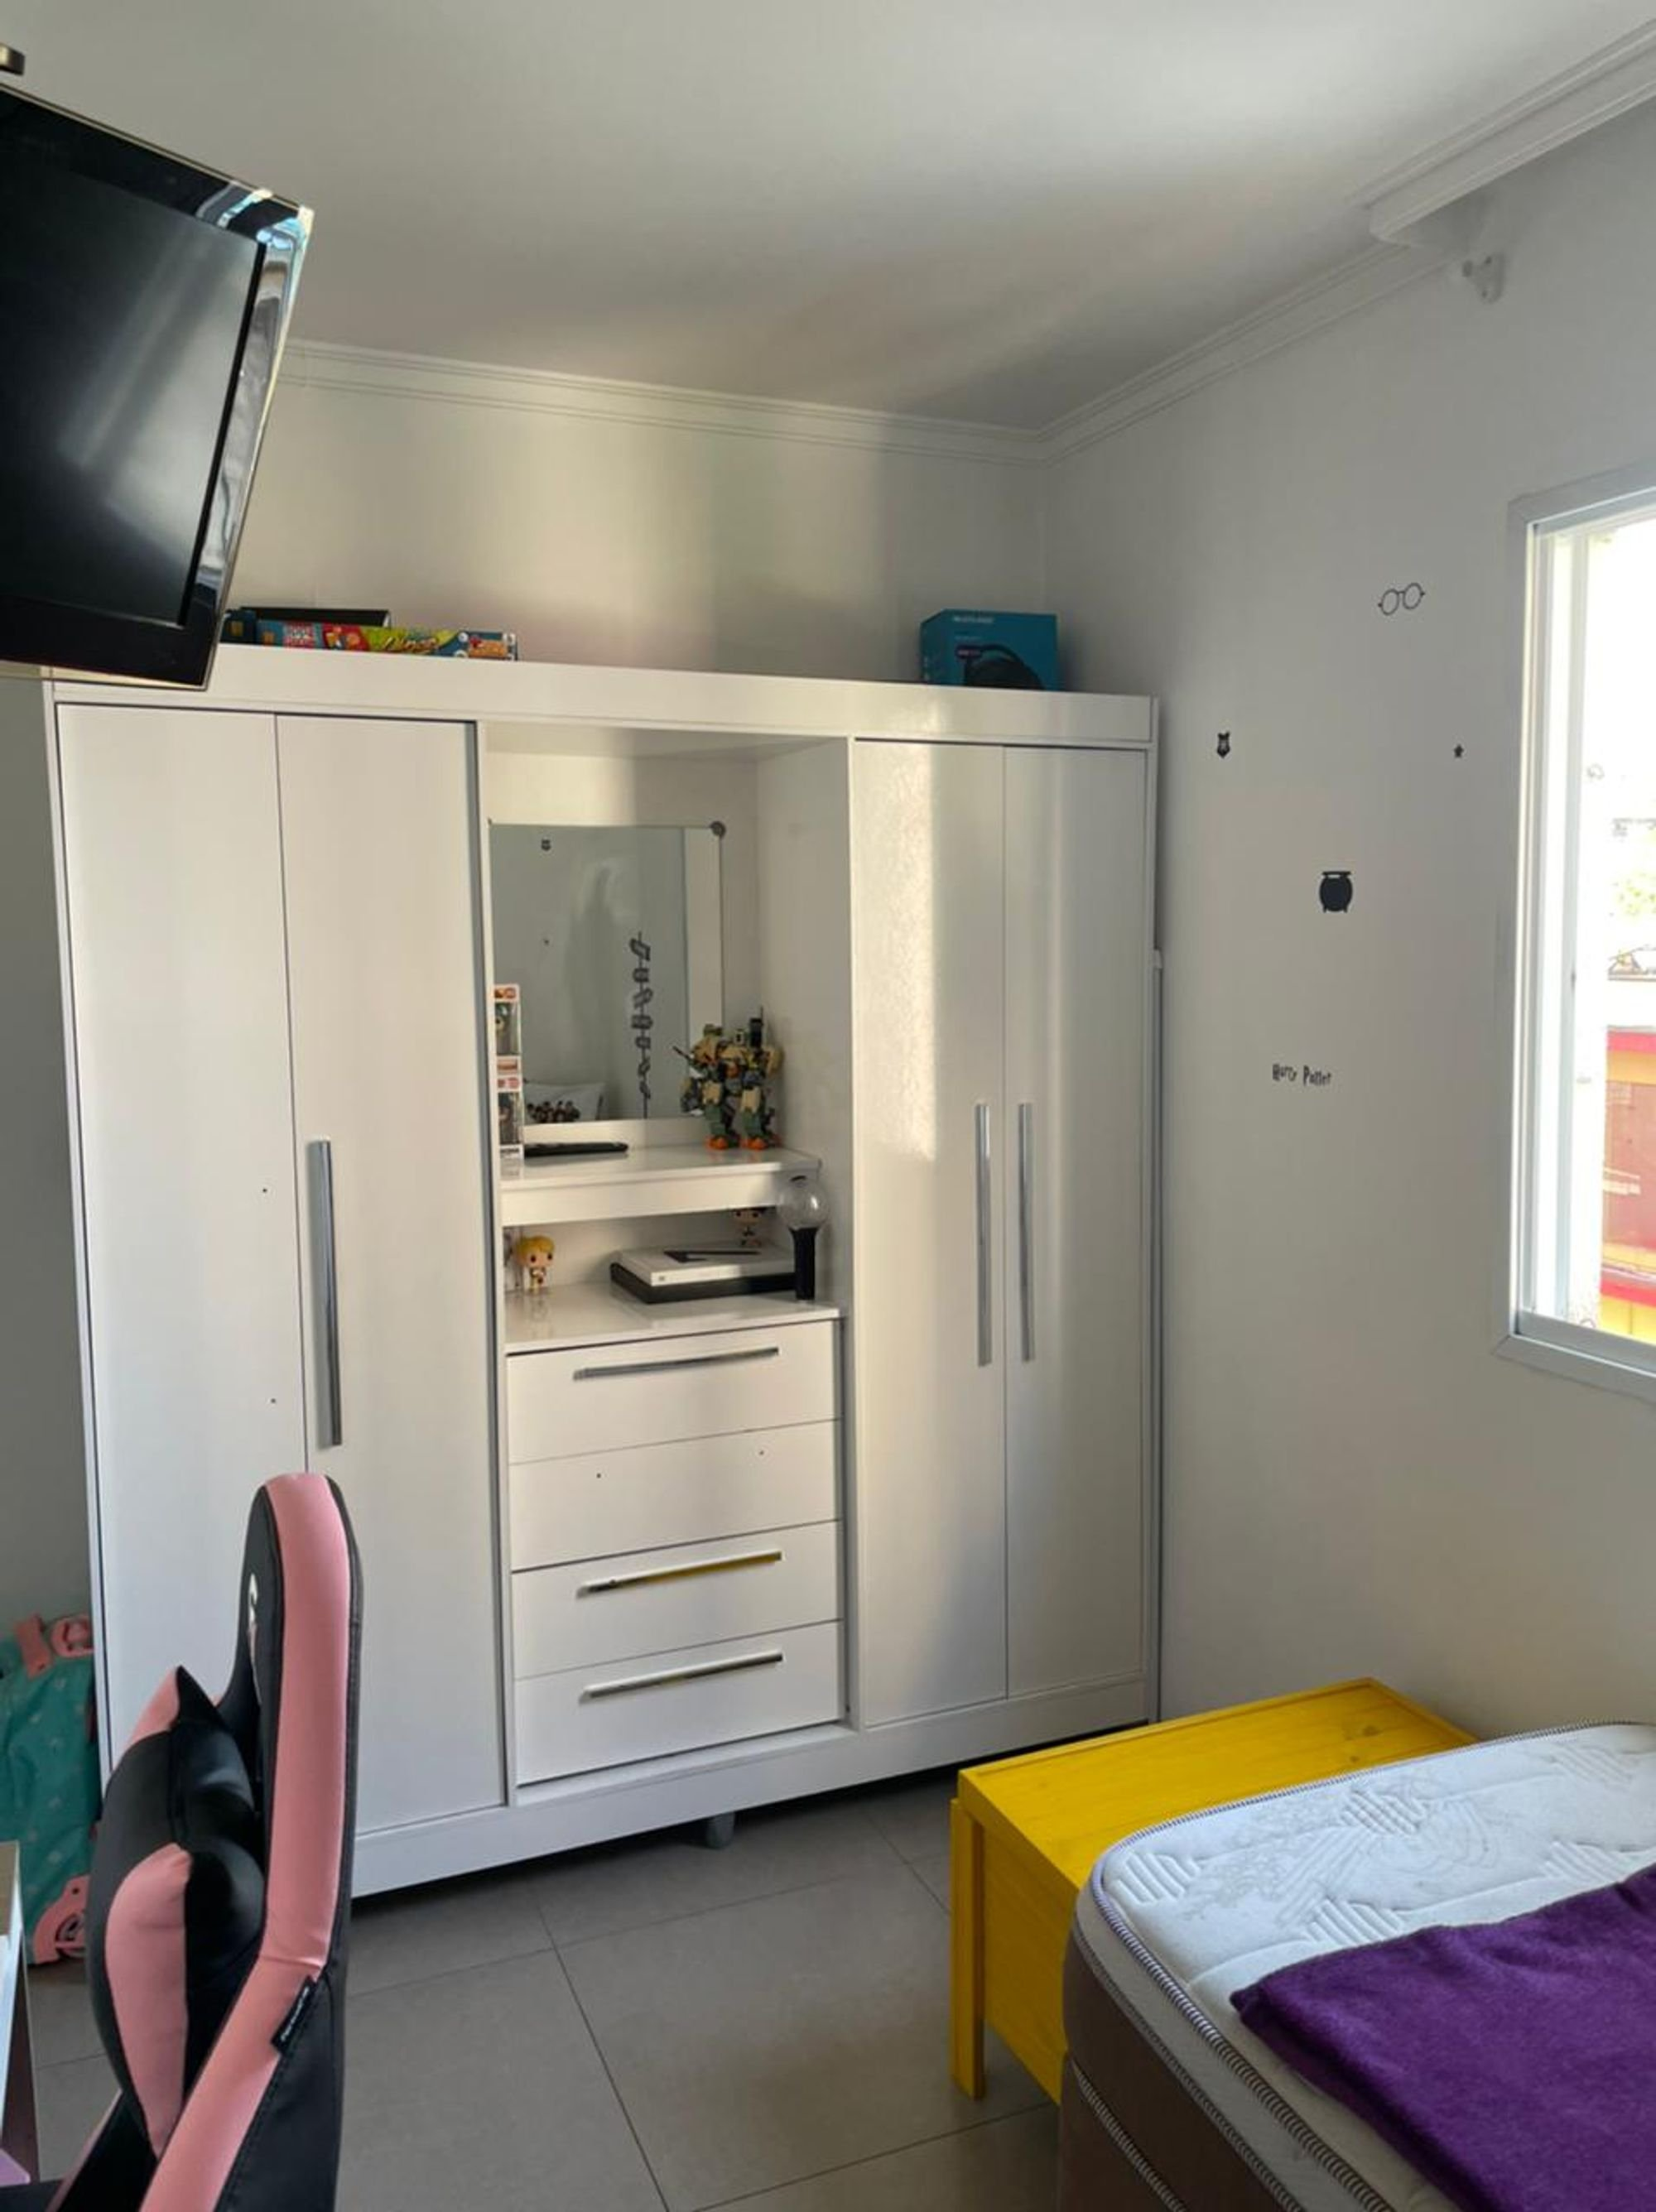 Foto de Quarto com cama, televisão, geladeira, cadeira